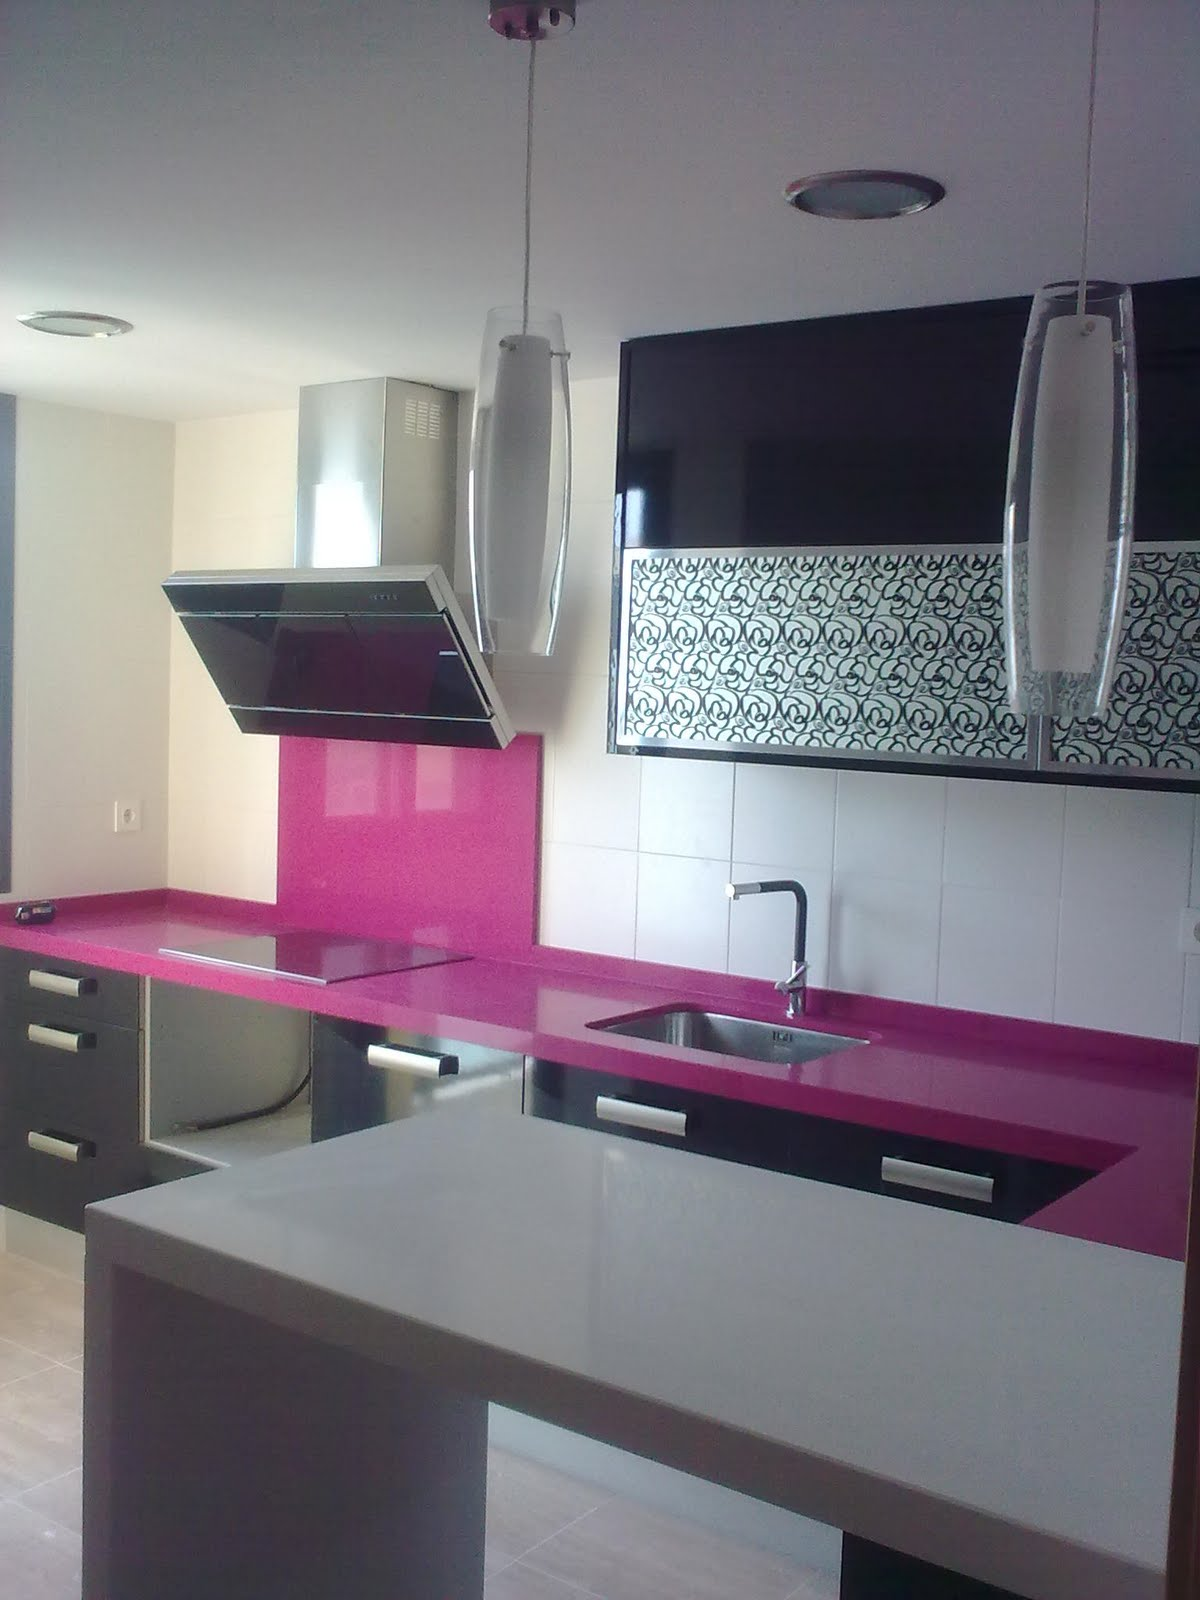 Cocinaszaragoza - Mesas de cocina de silestone ...